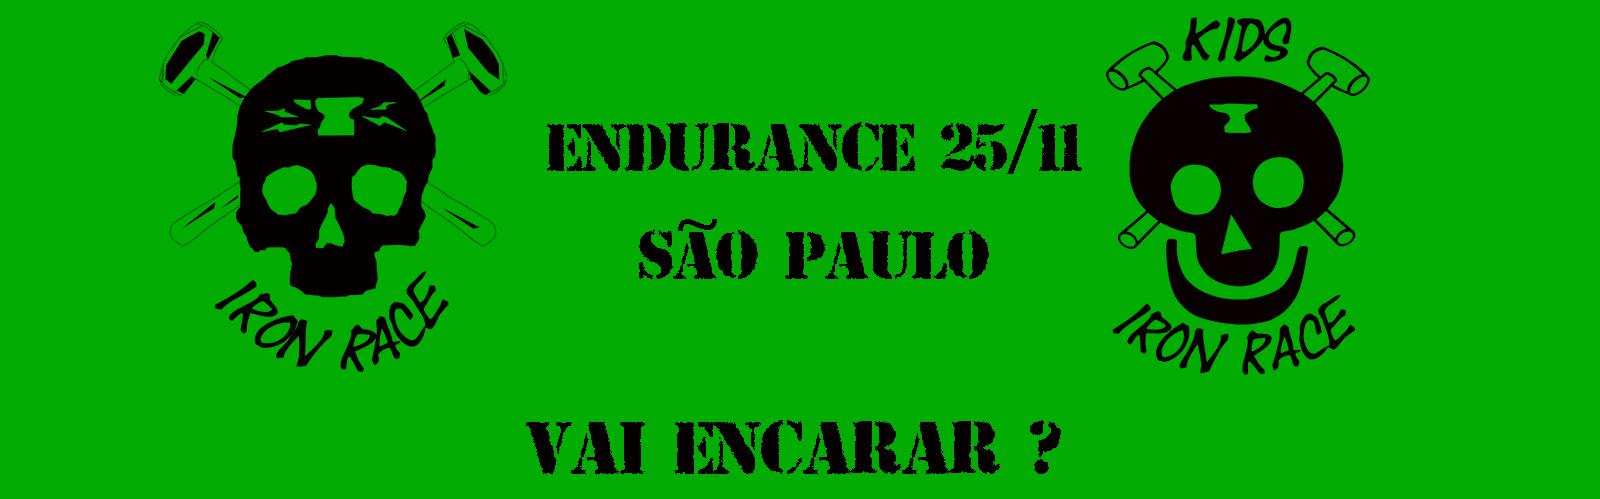 IRON RACE ENDURANCE - SÃO PAULO - Imagem de topo